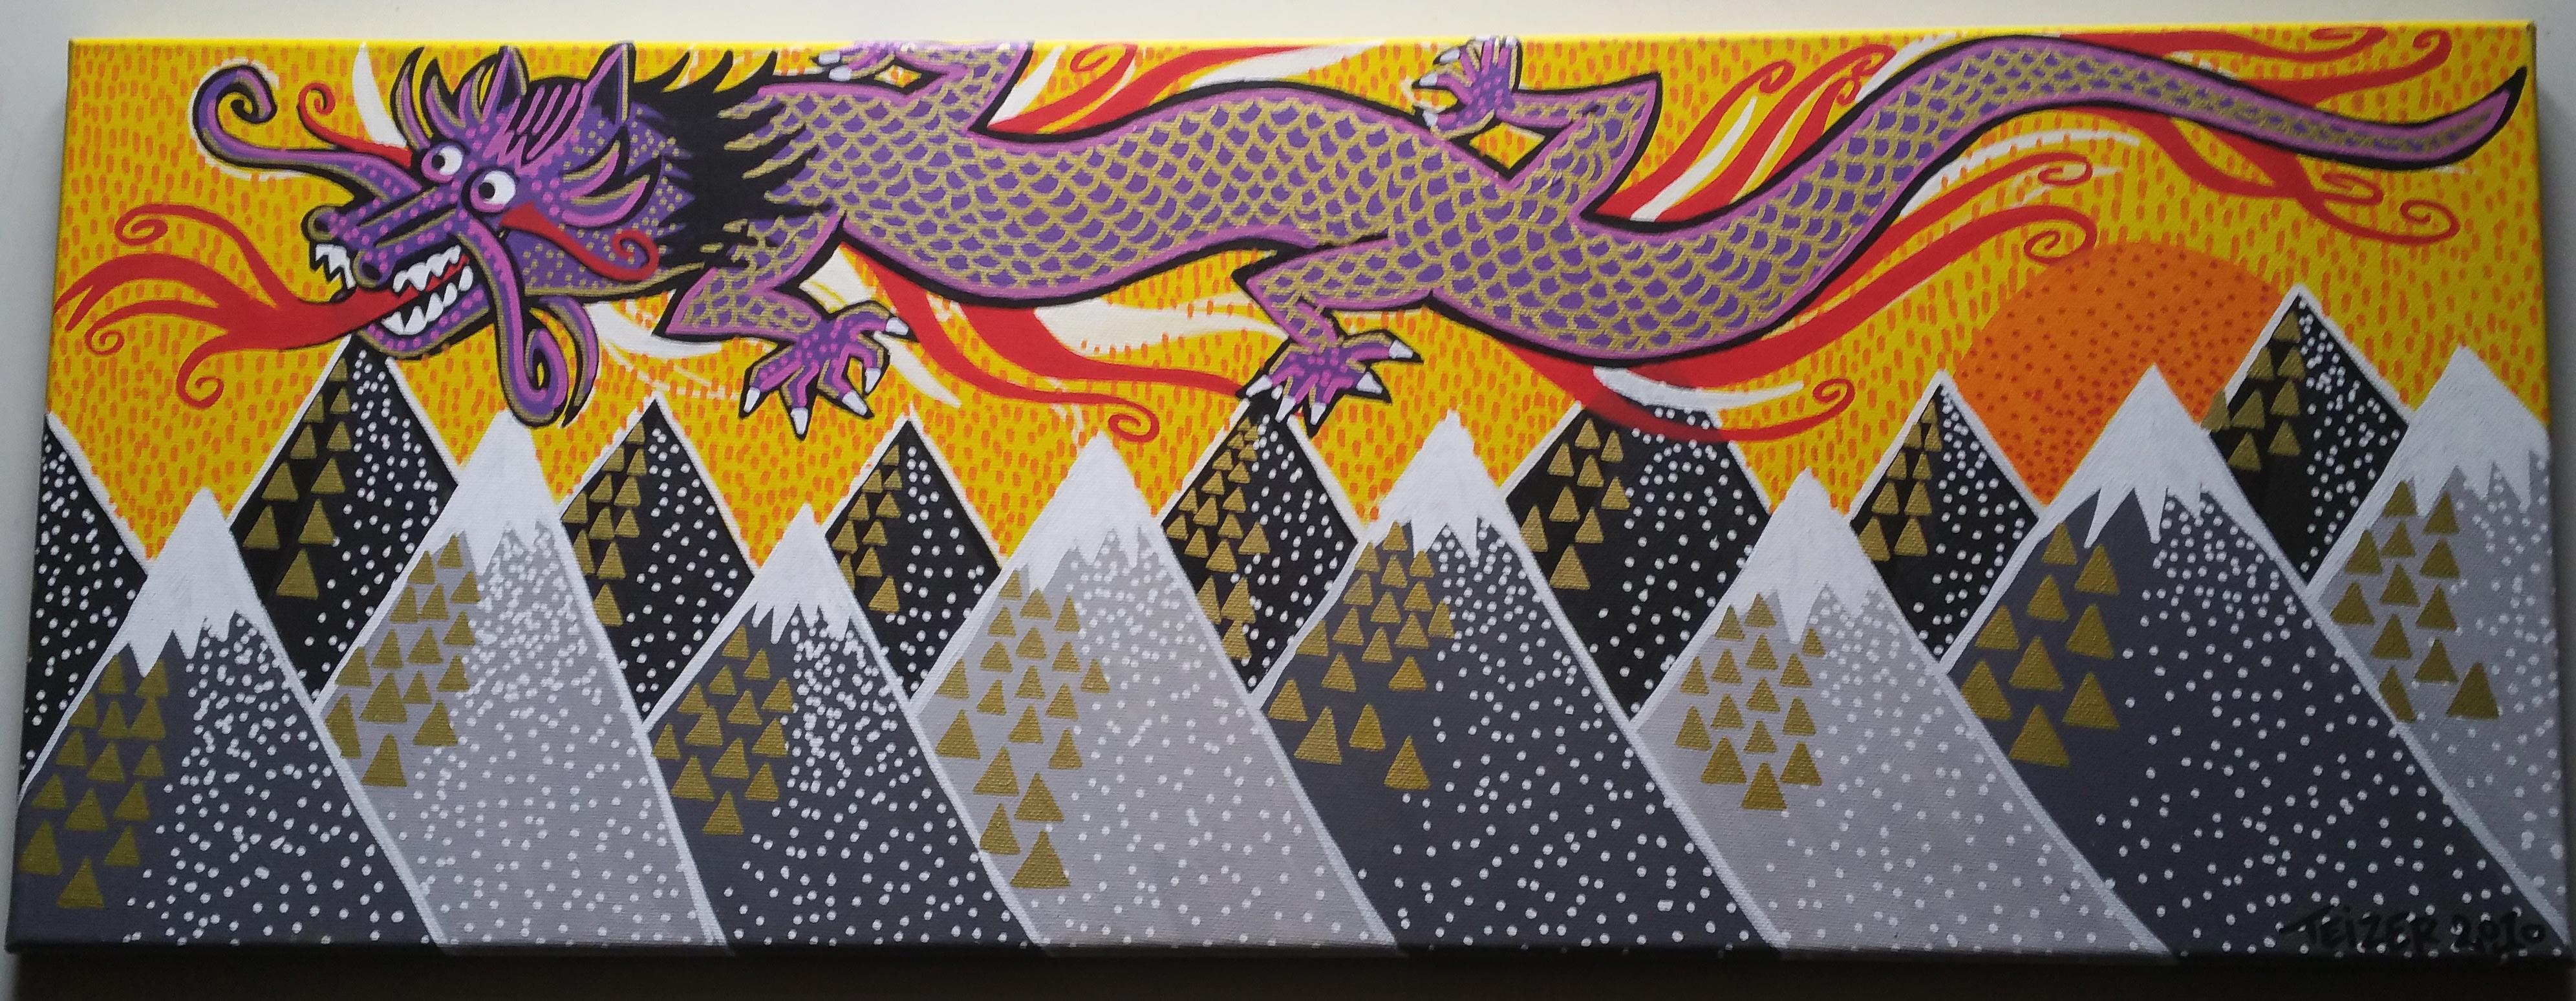 dragon-80x30cm